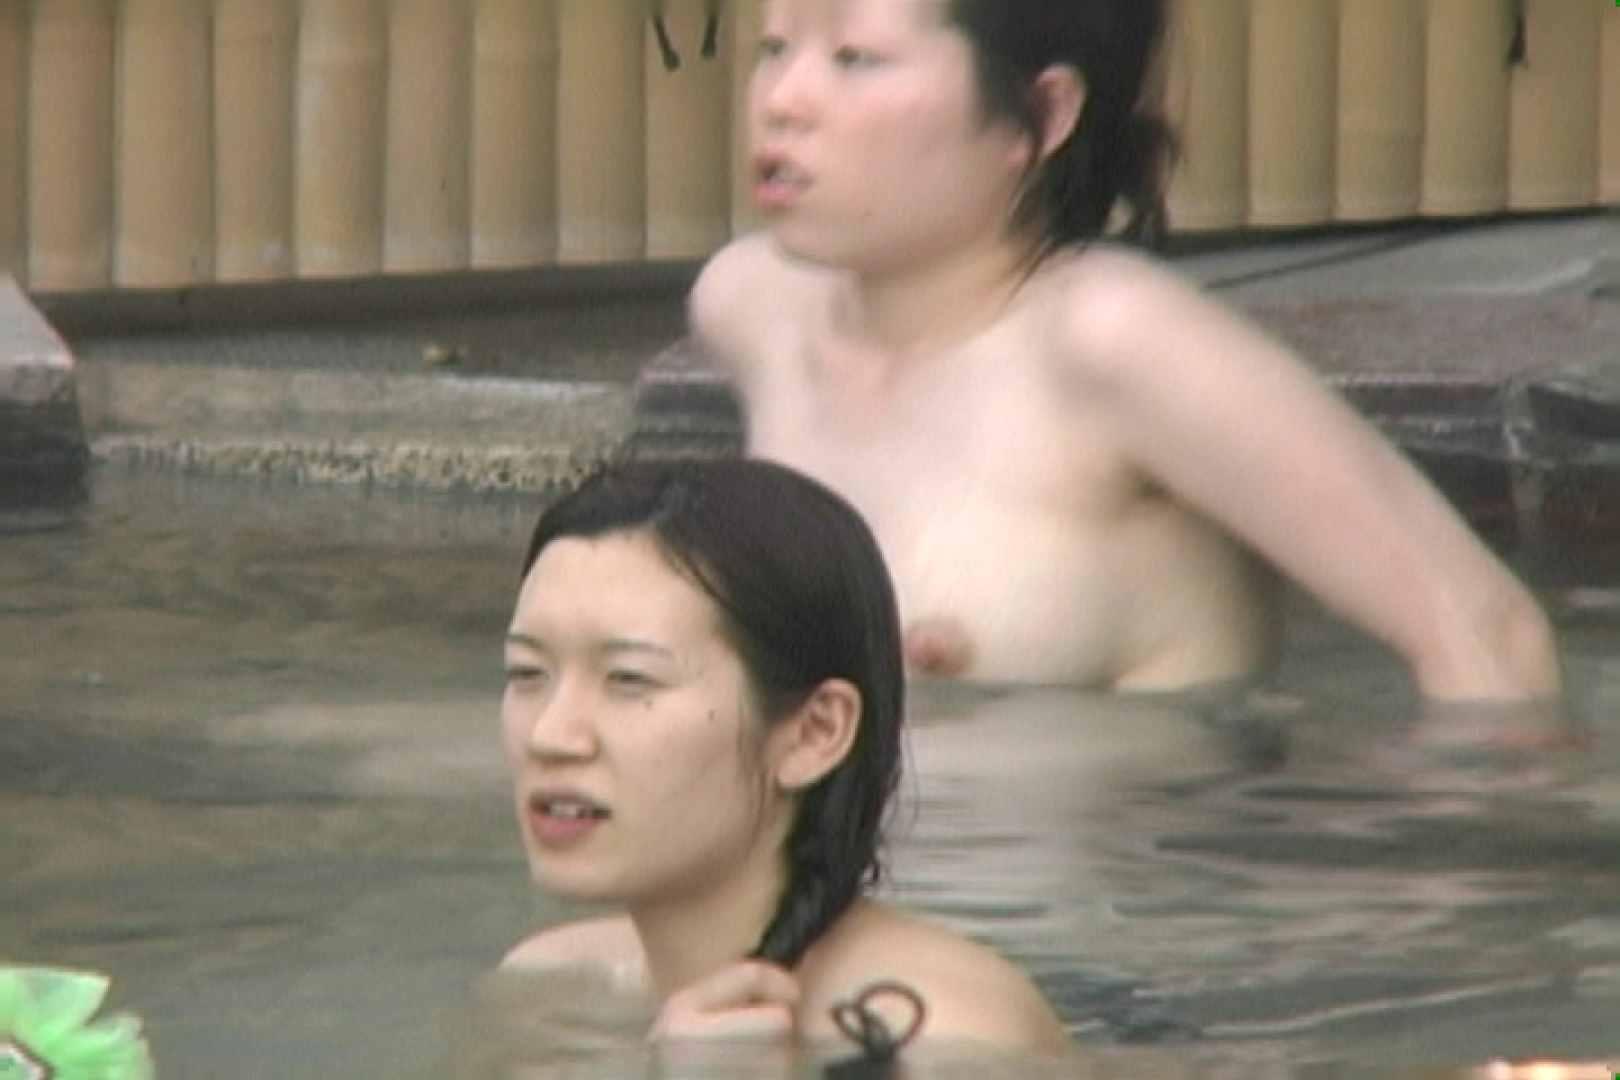 高画質露天女風呂観察 vol.009 高画質 | 乙女エロ画像  77PICs 50